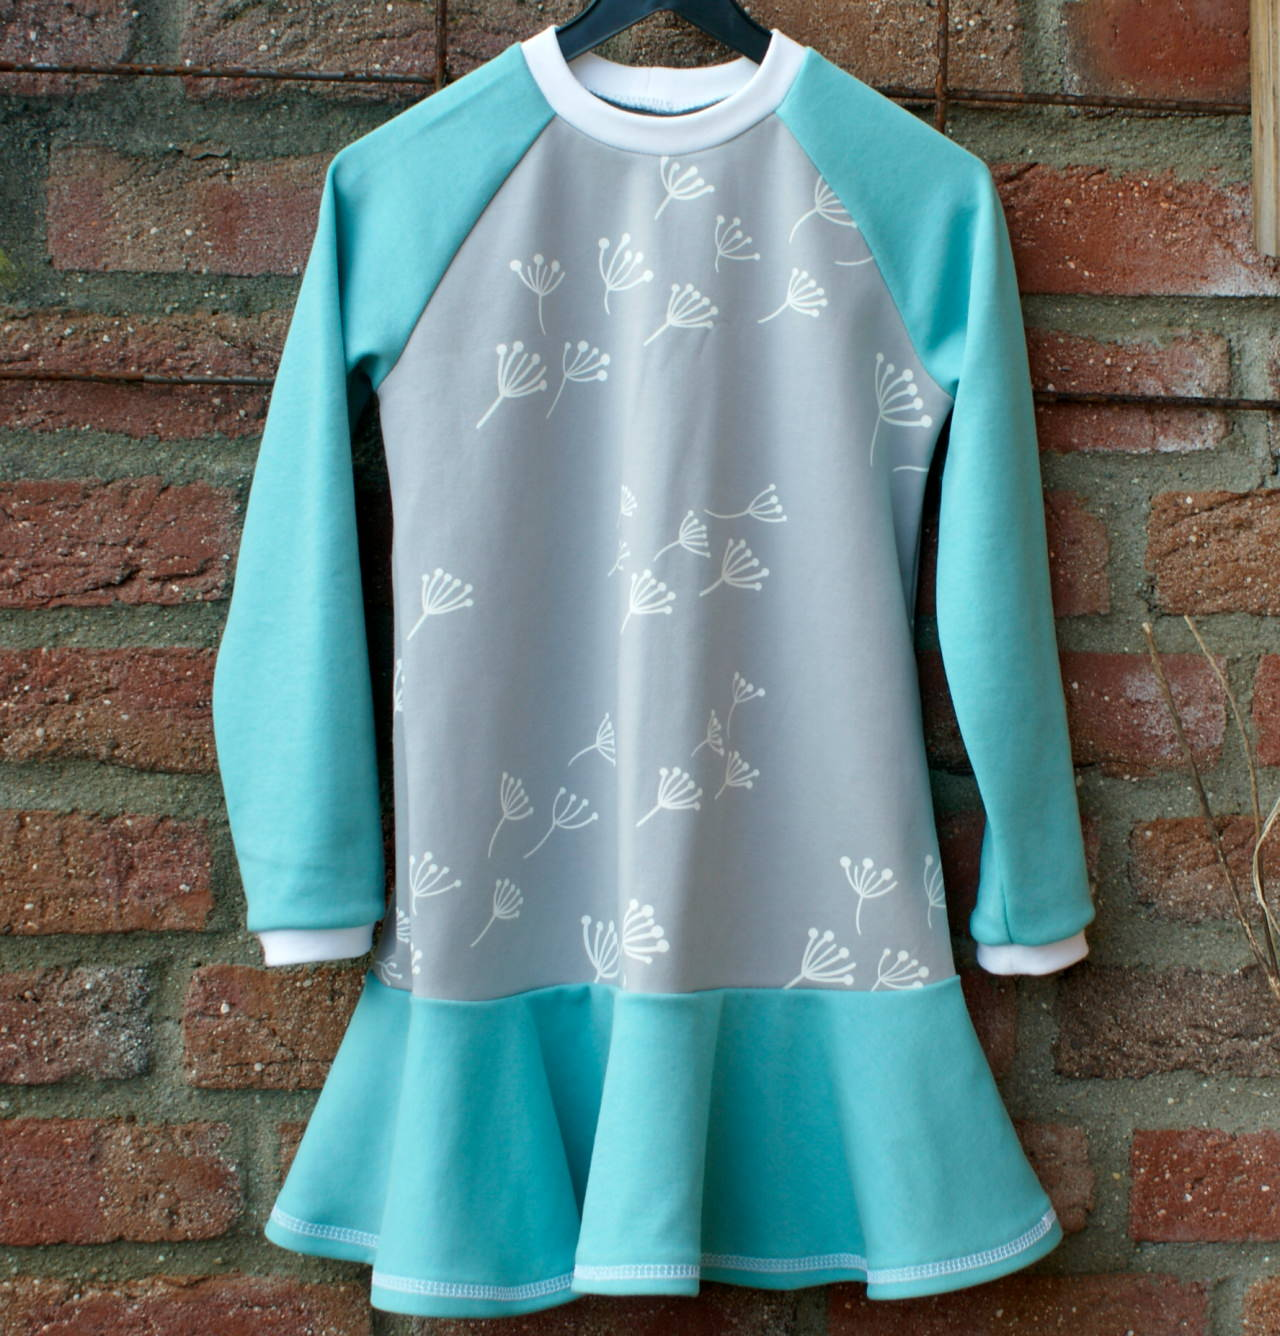 Kleinesbild - Mädchen - Kleid PUSTEBLUME Gr.104 mint hellgrau weiß Volant Ökotex Gr.104